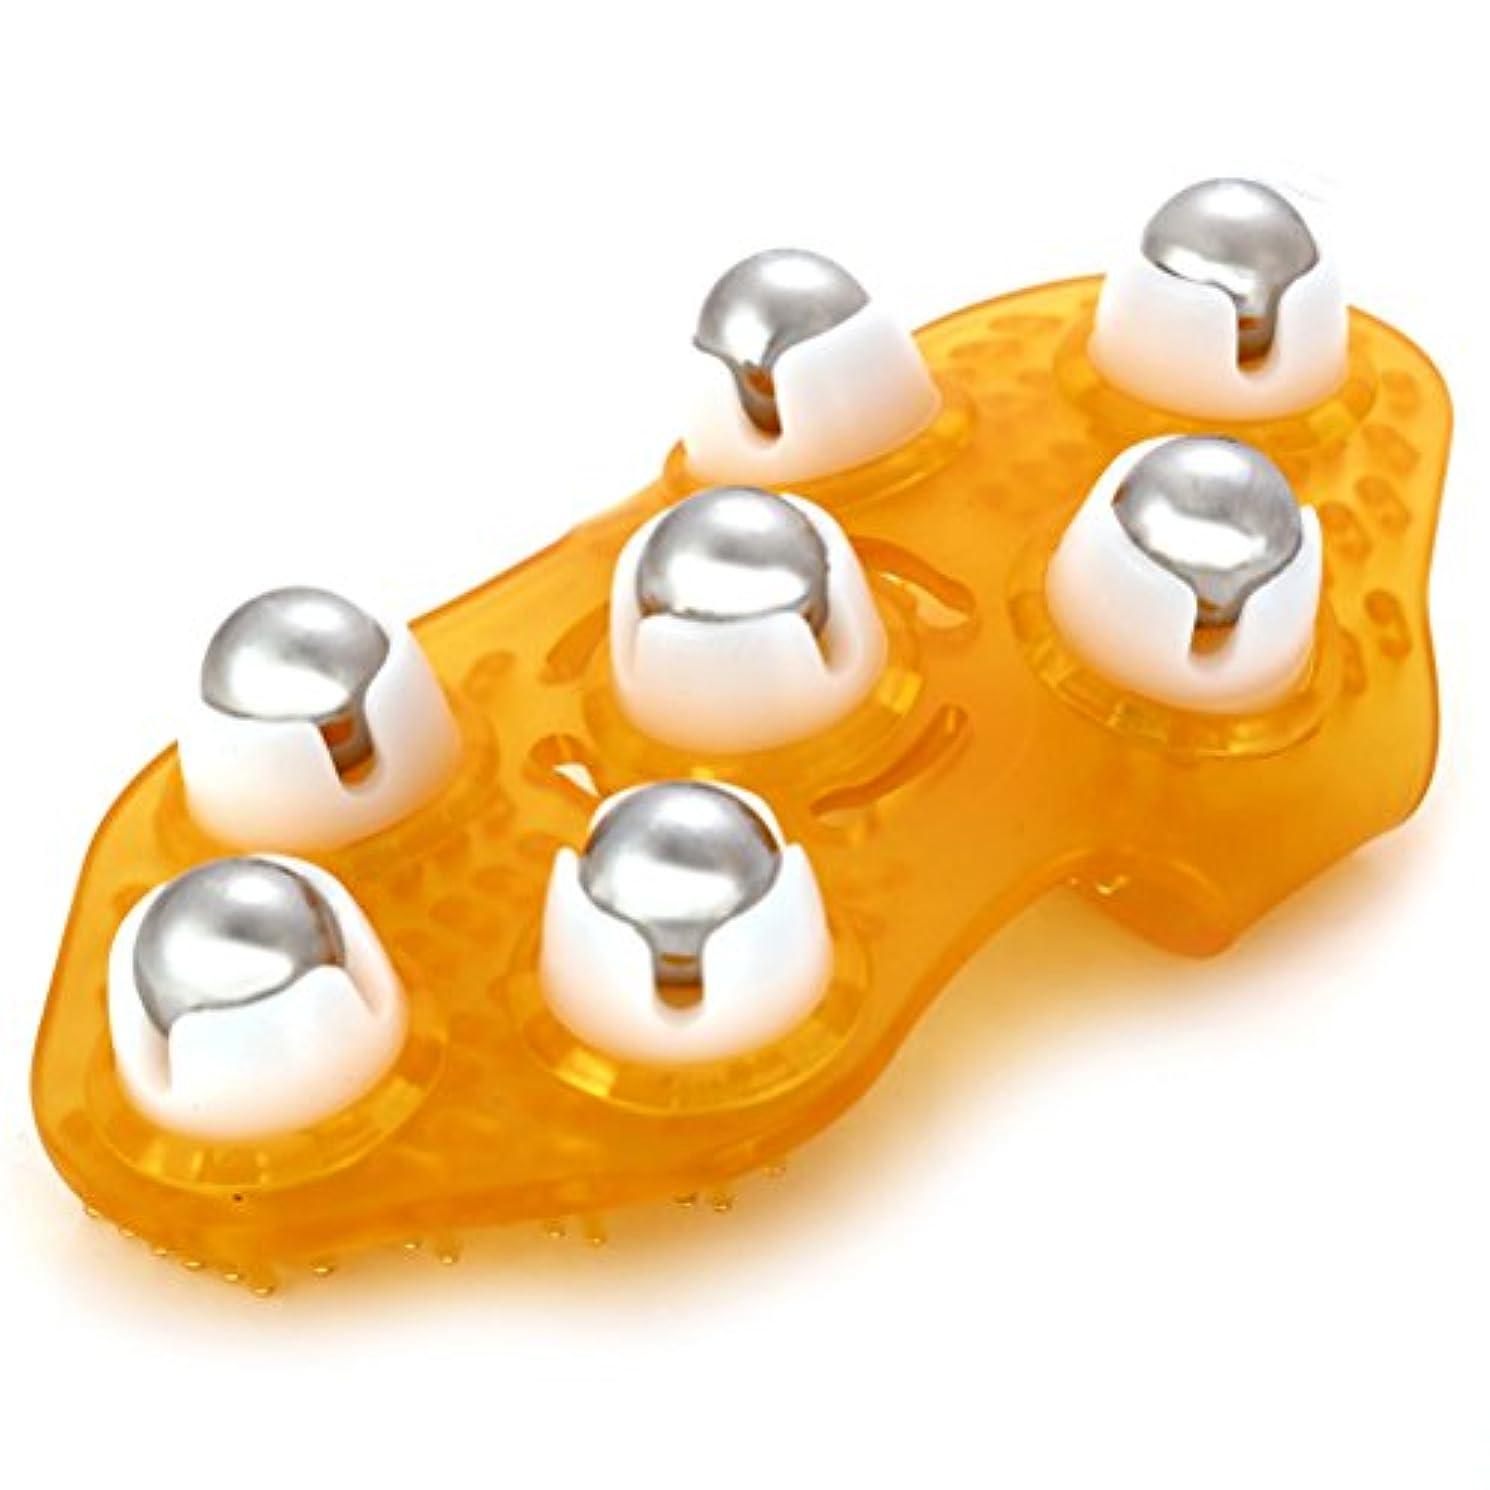 目指すデッドロック幻想ROSENICE マッサージグローブ ボディ用 多機能マッサージ器具 360度鋼ローリングボール(ランダムカラー)